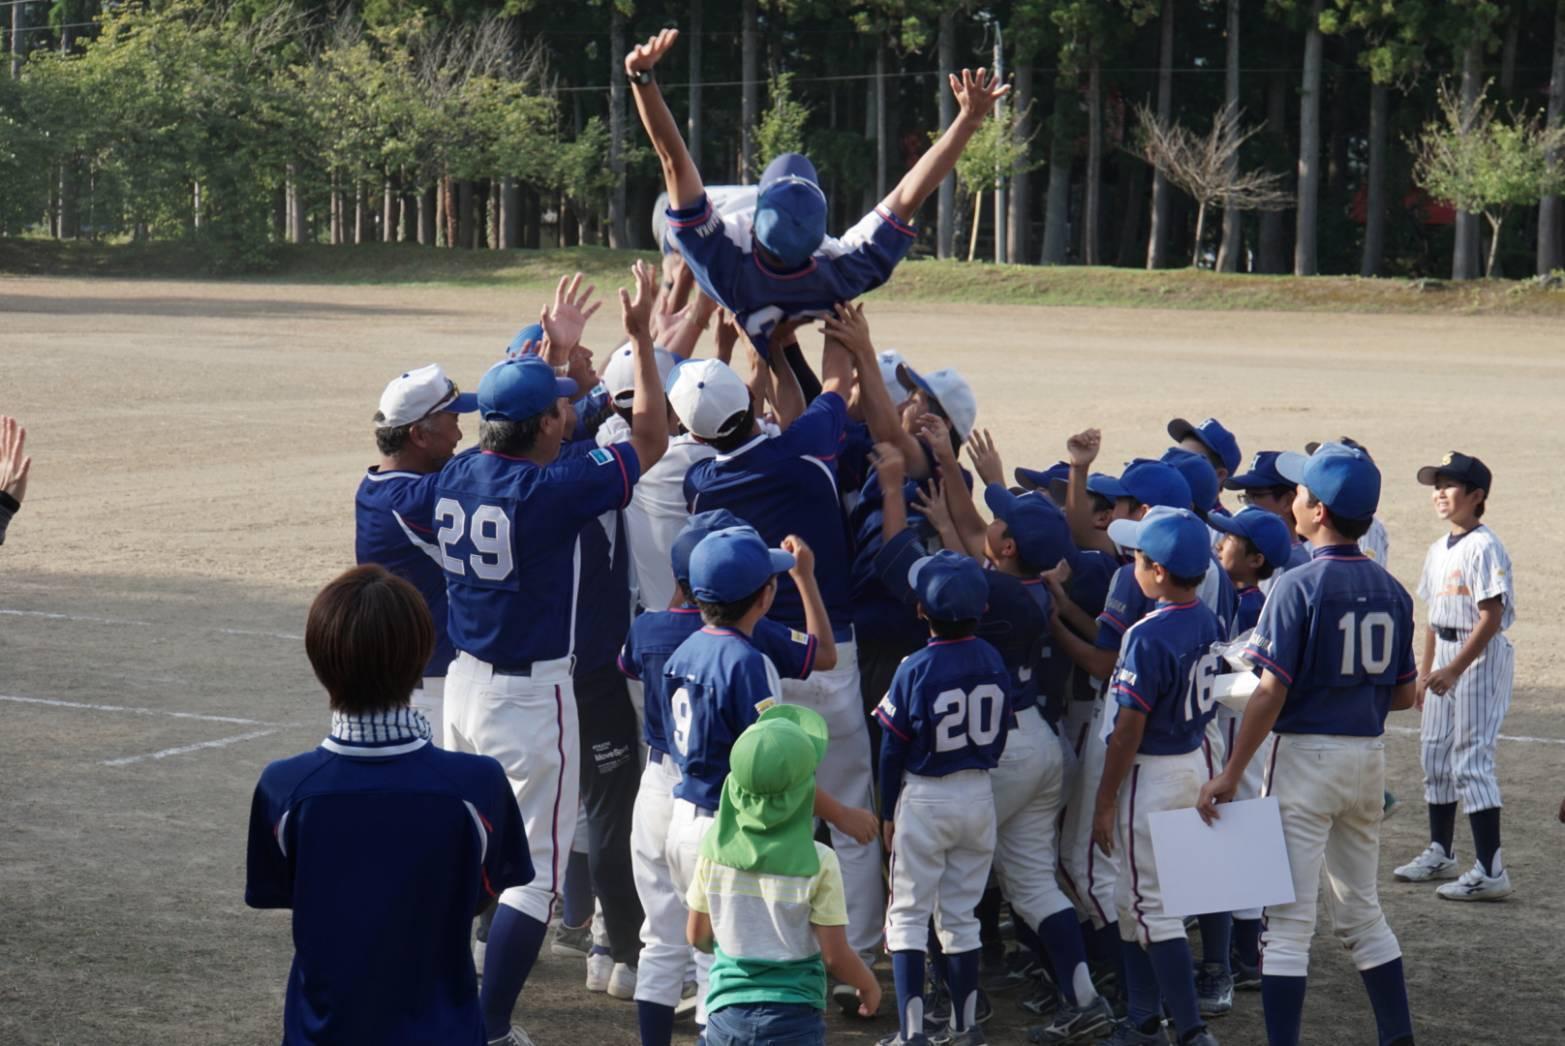 関原まつり 小学生野球大会 優勝しましたぁー!(^^)_b0095176_17282004.jpeg